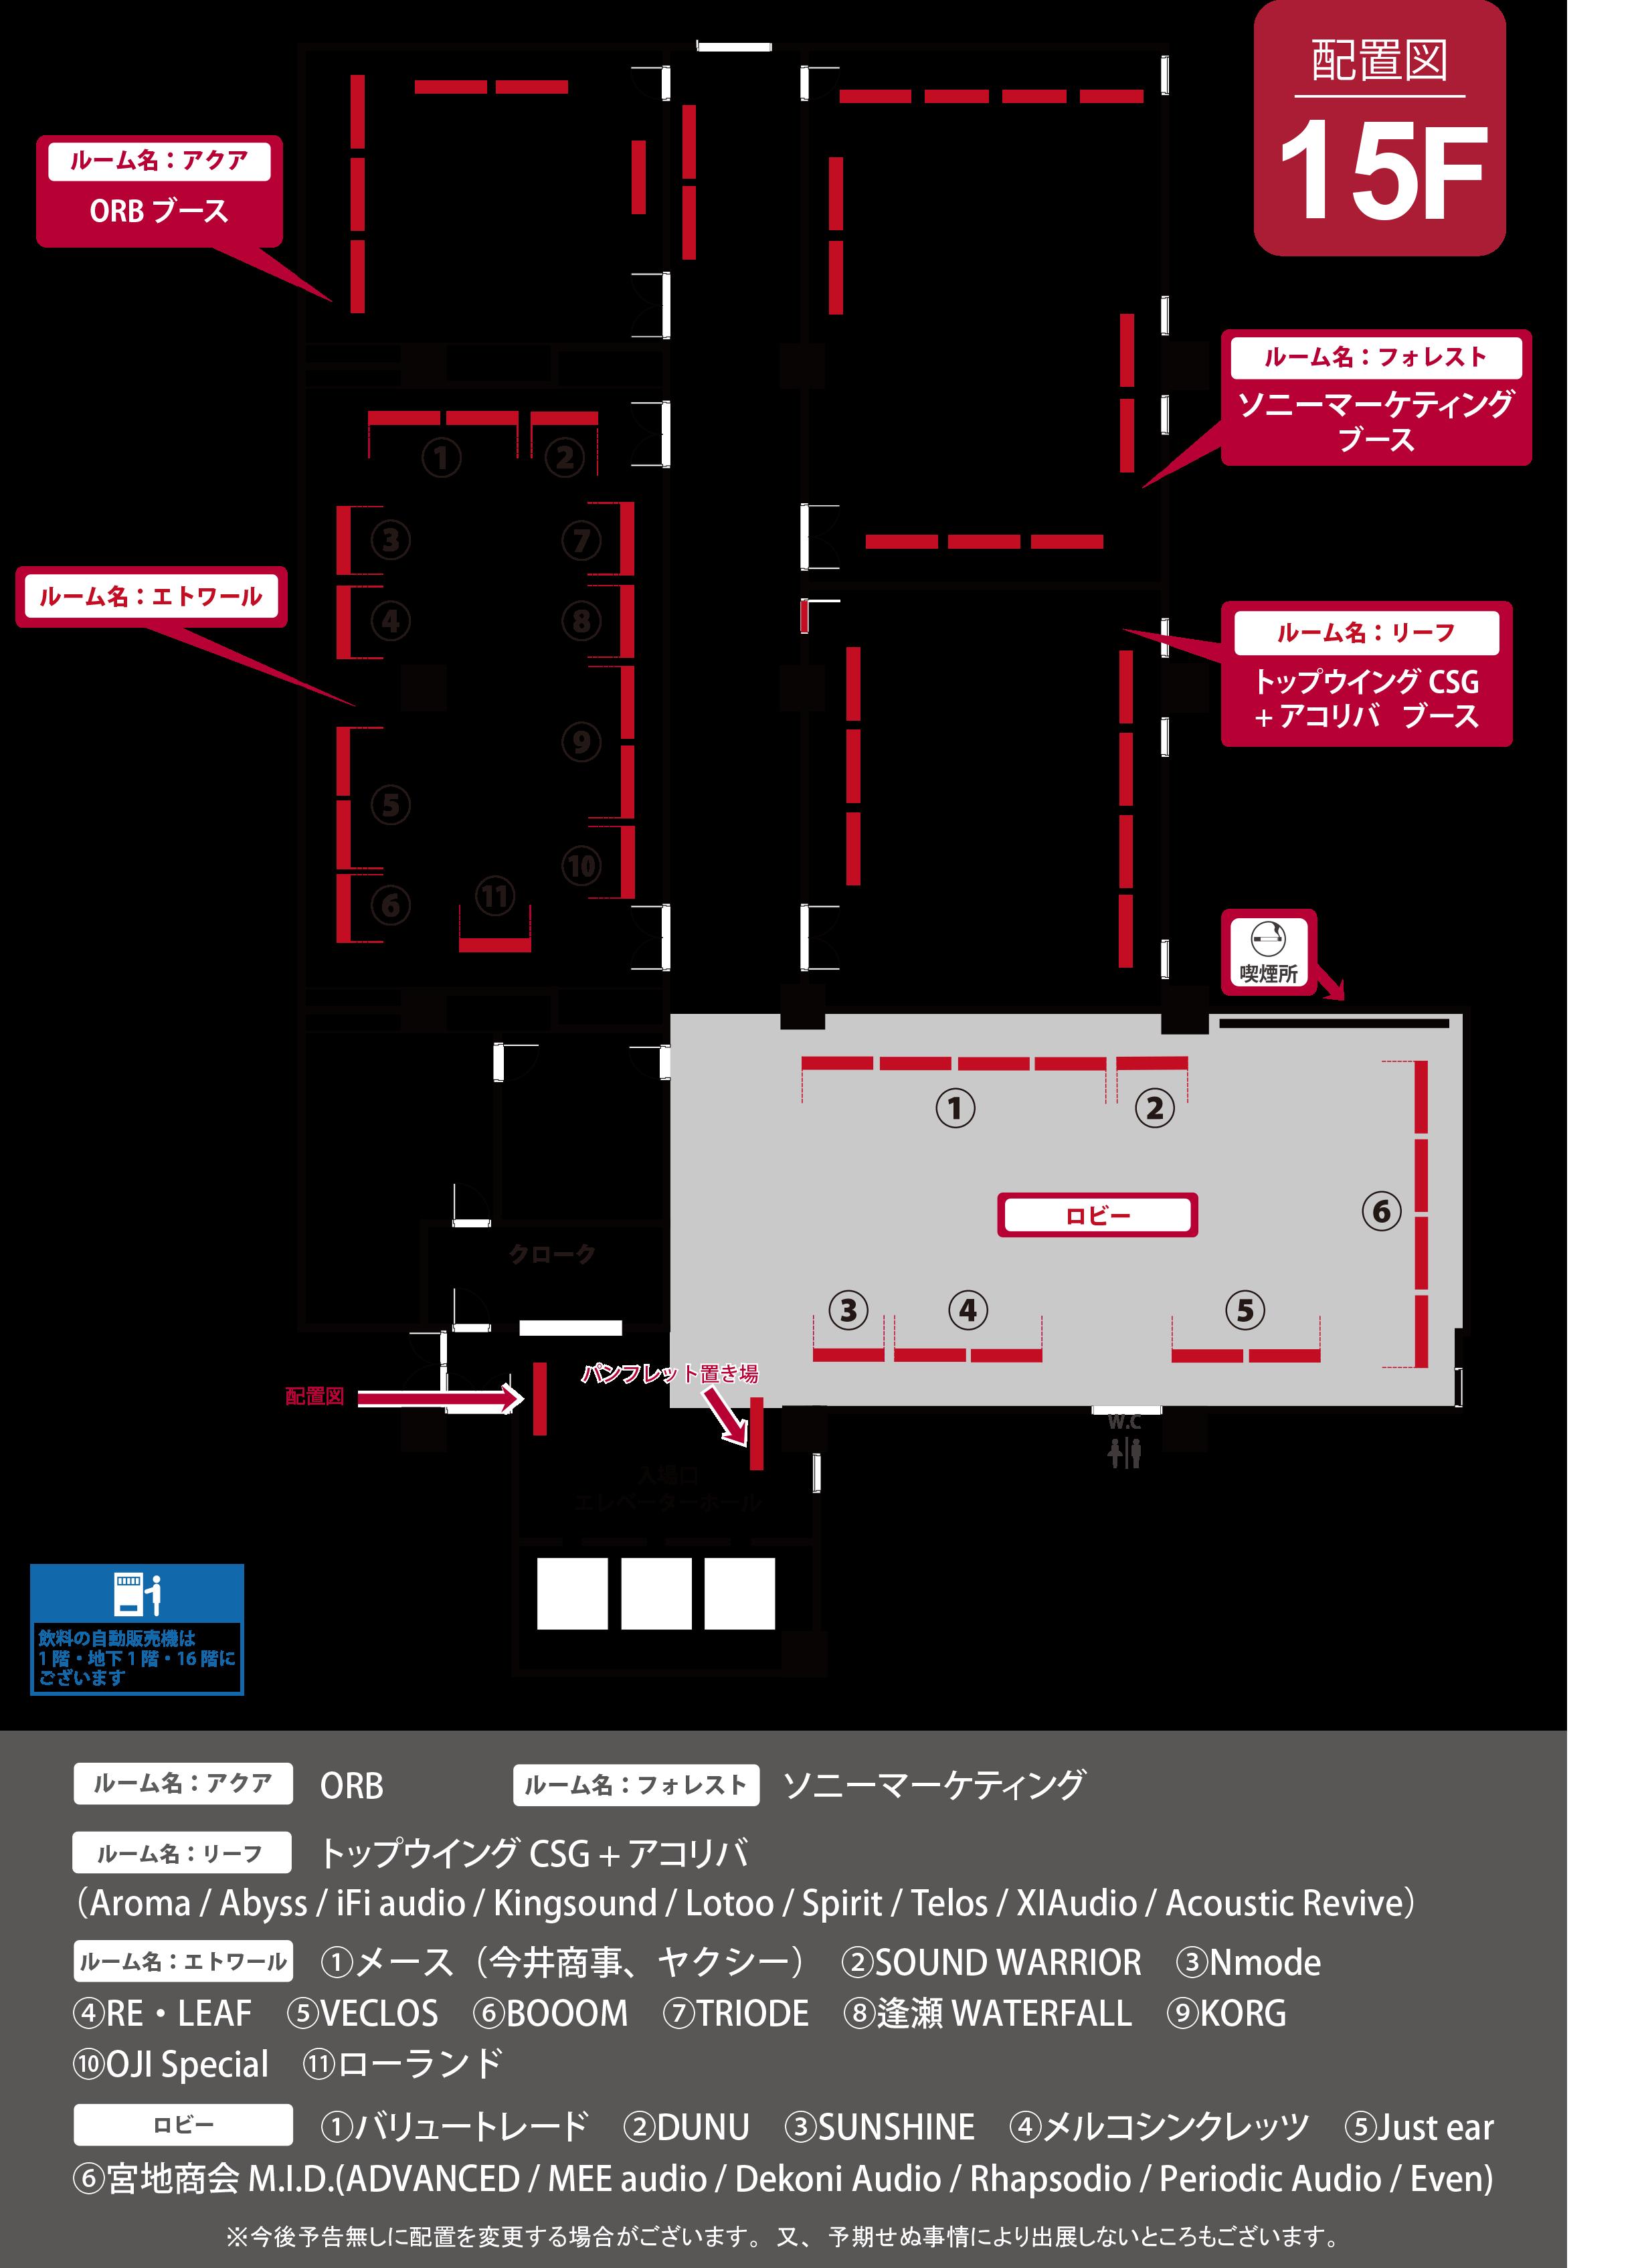 秋のヘッドフォン祭 2018(TOKYO HEADPHONE FESTIVAL 2018 AUTUMN):15F